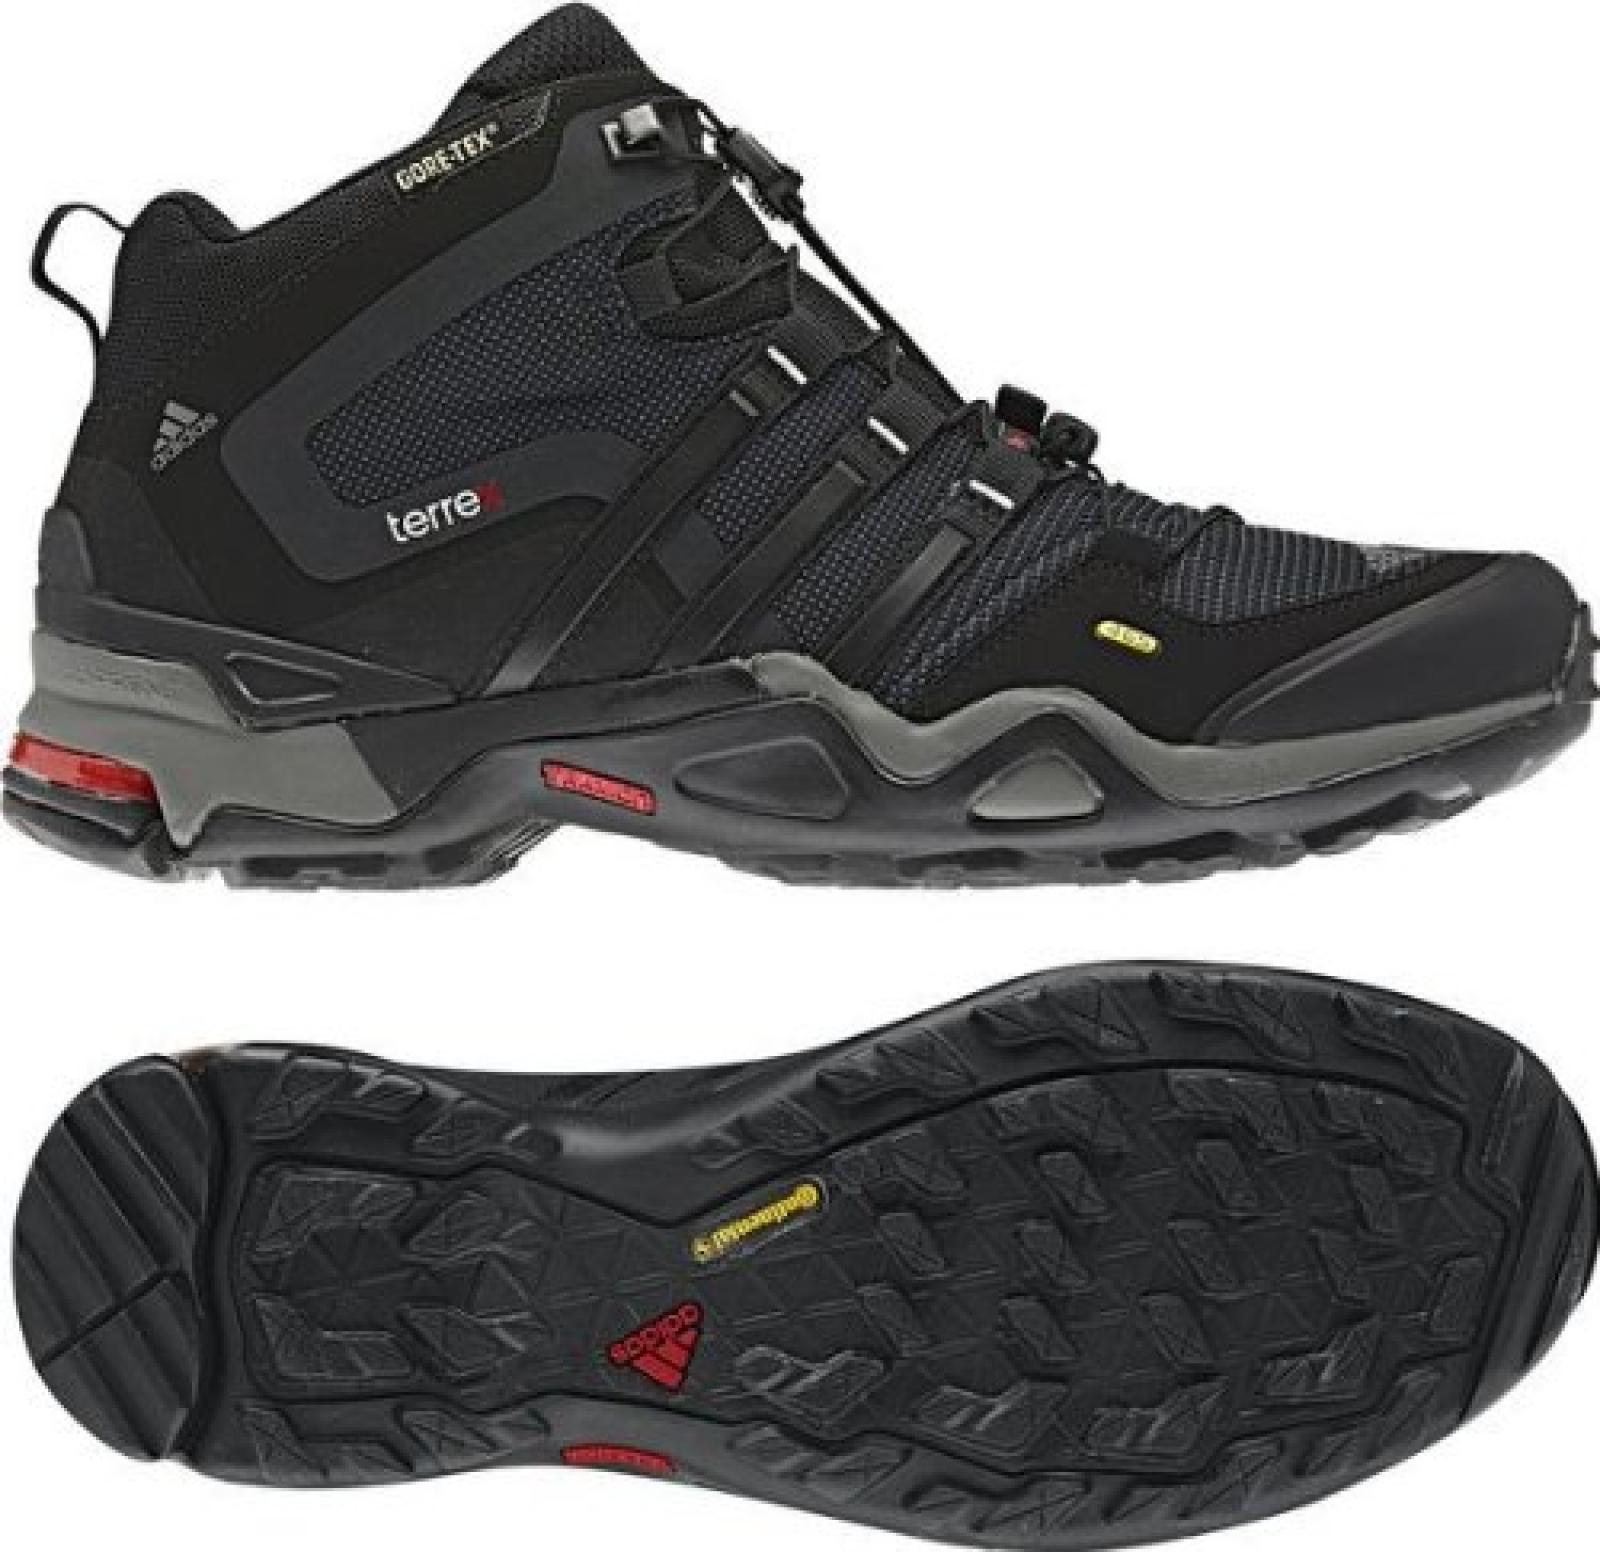 Adidas Terrex Fast X Mid GORE-TEX Wandern Stiefel